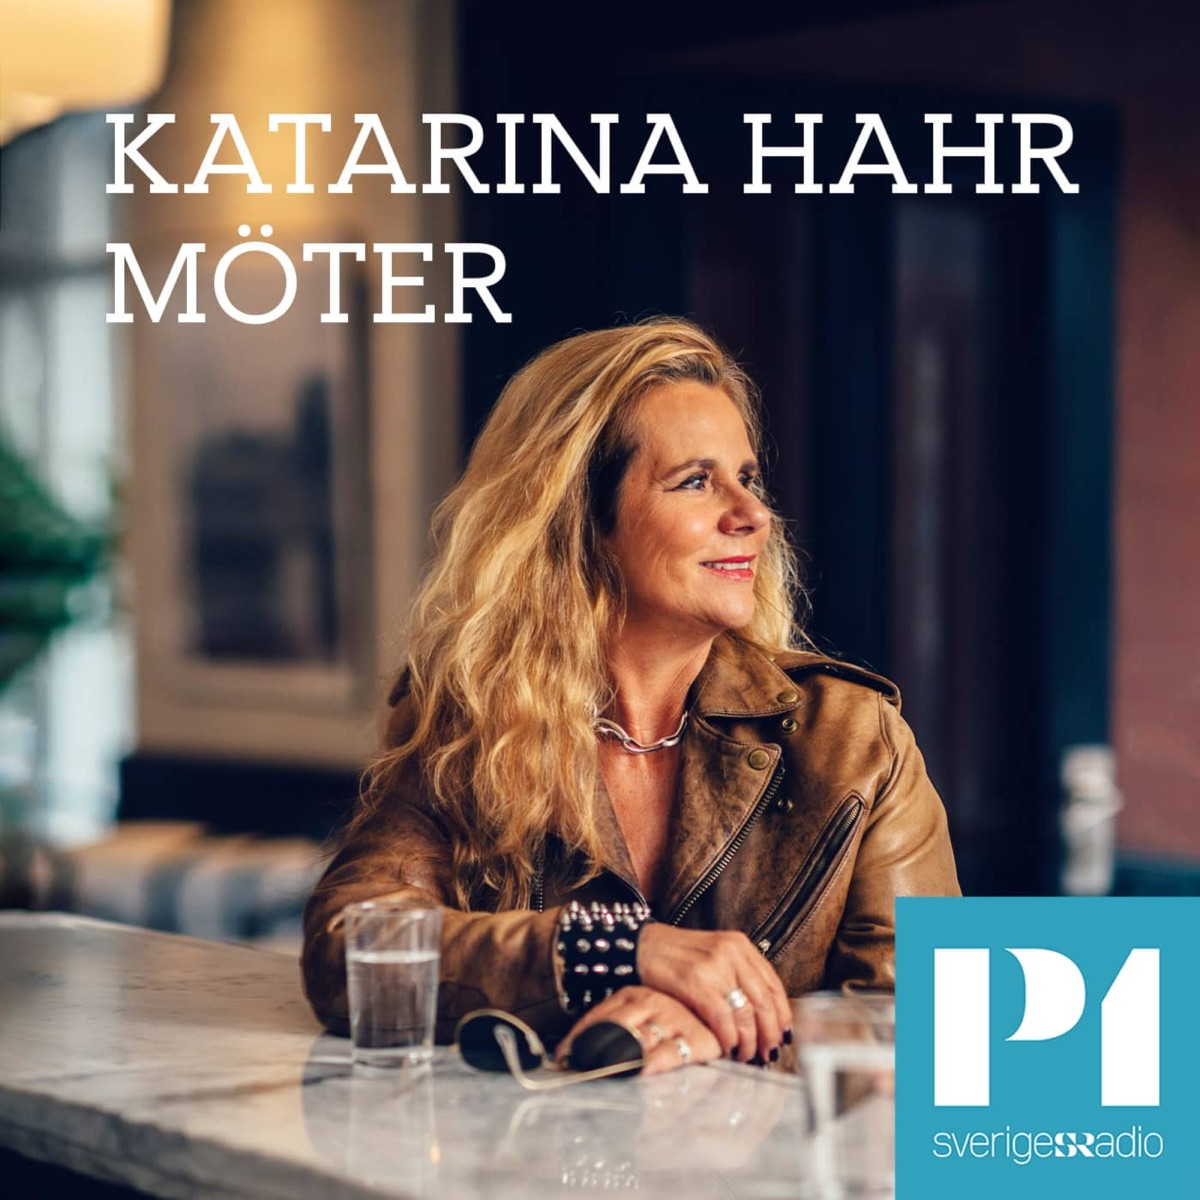 Katarina Hahr möter